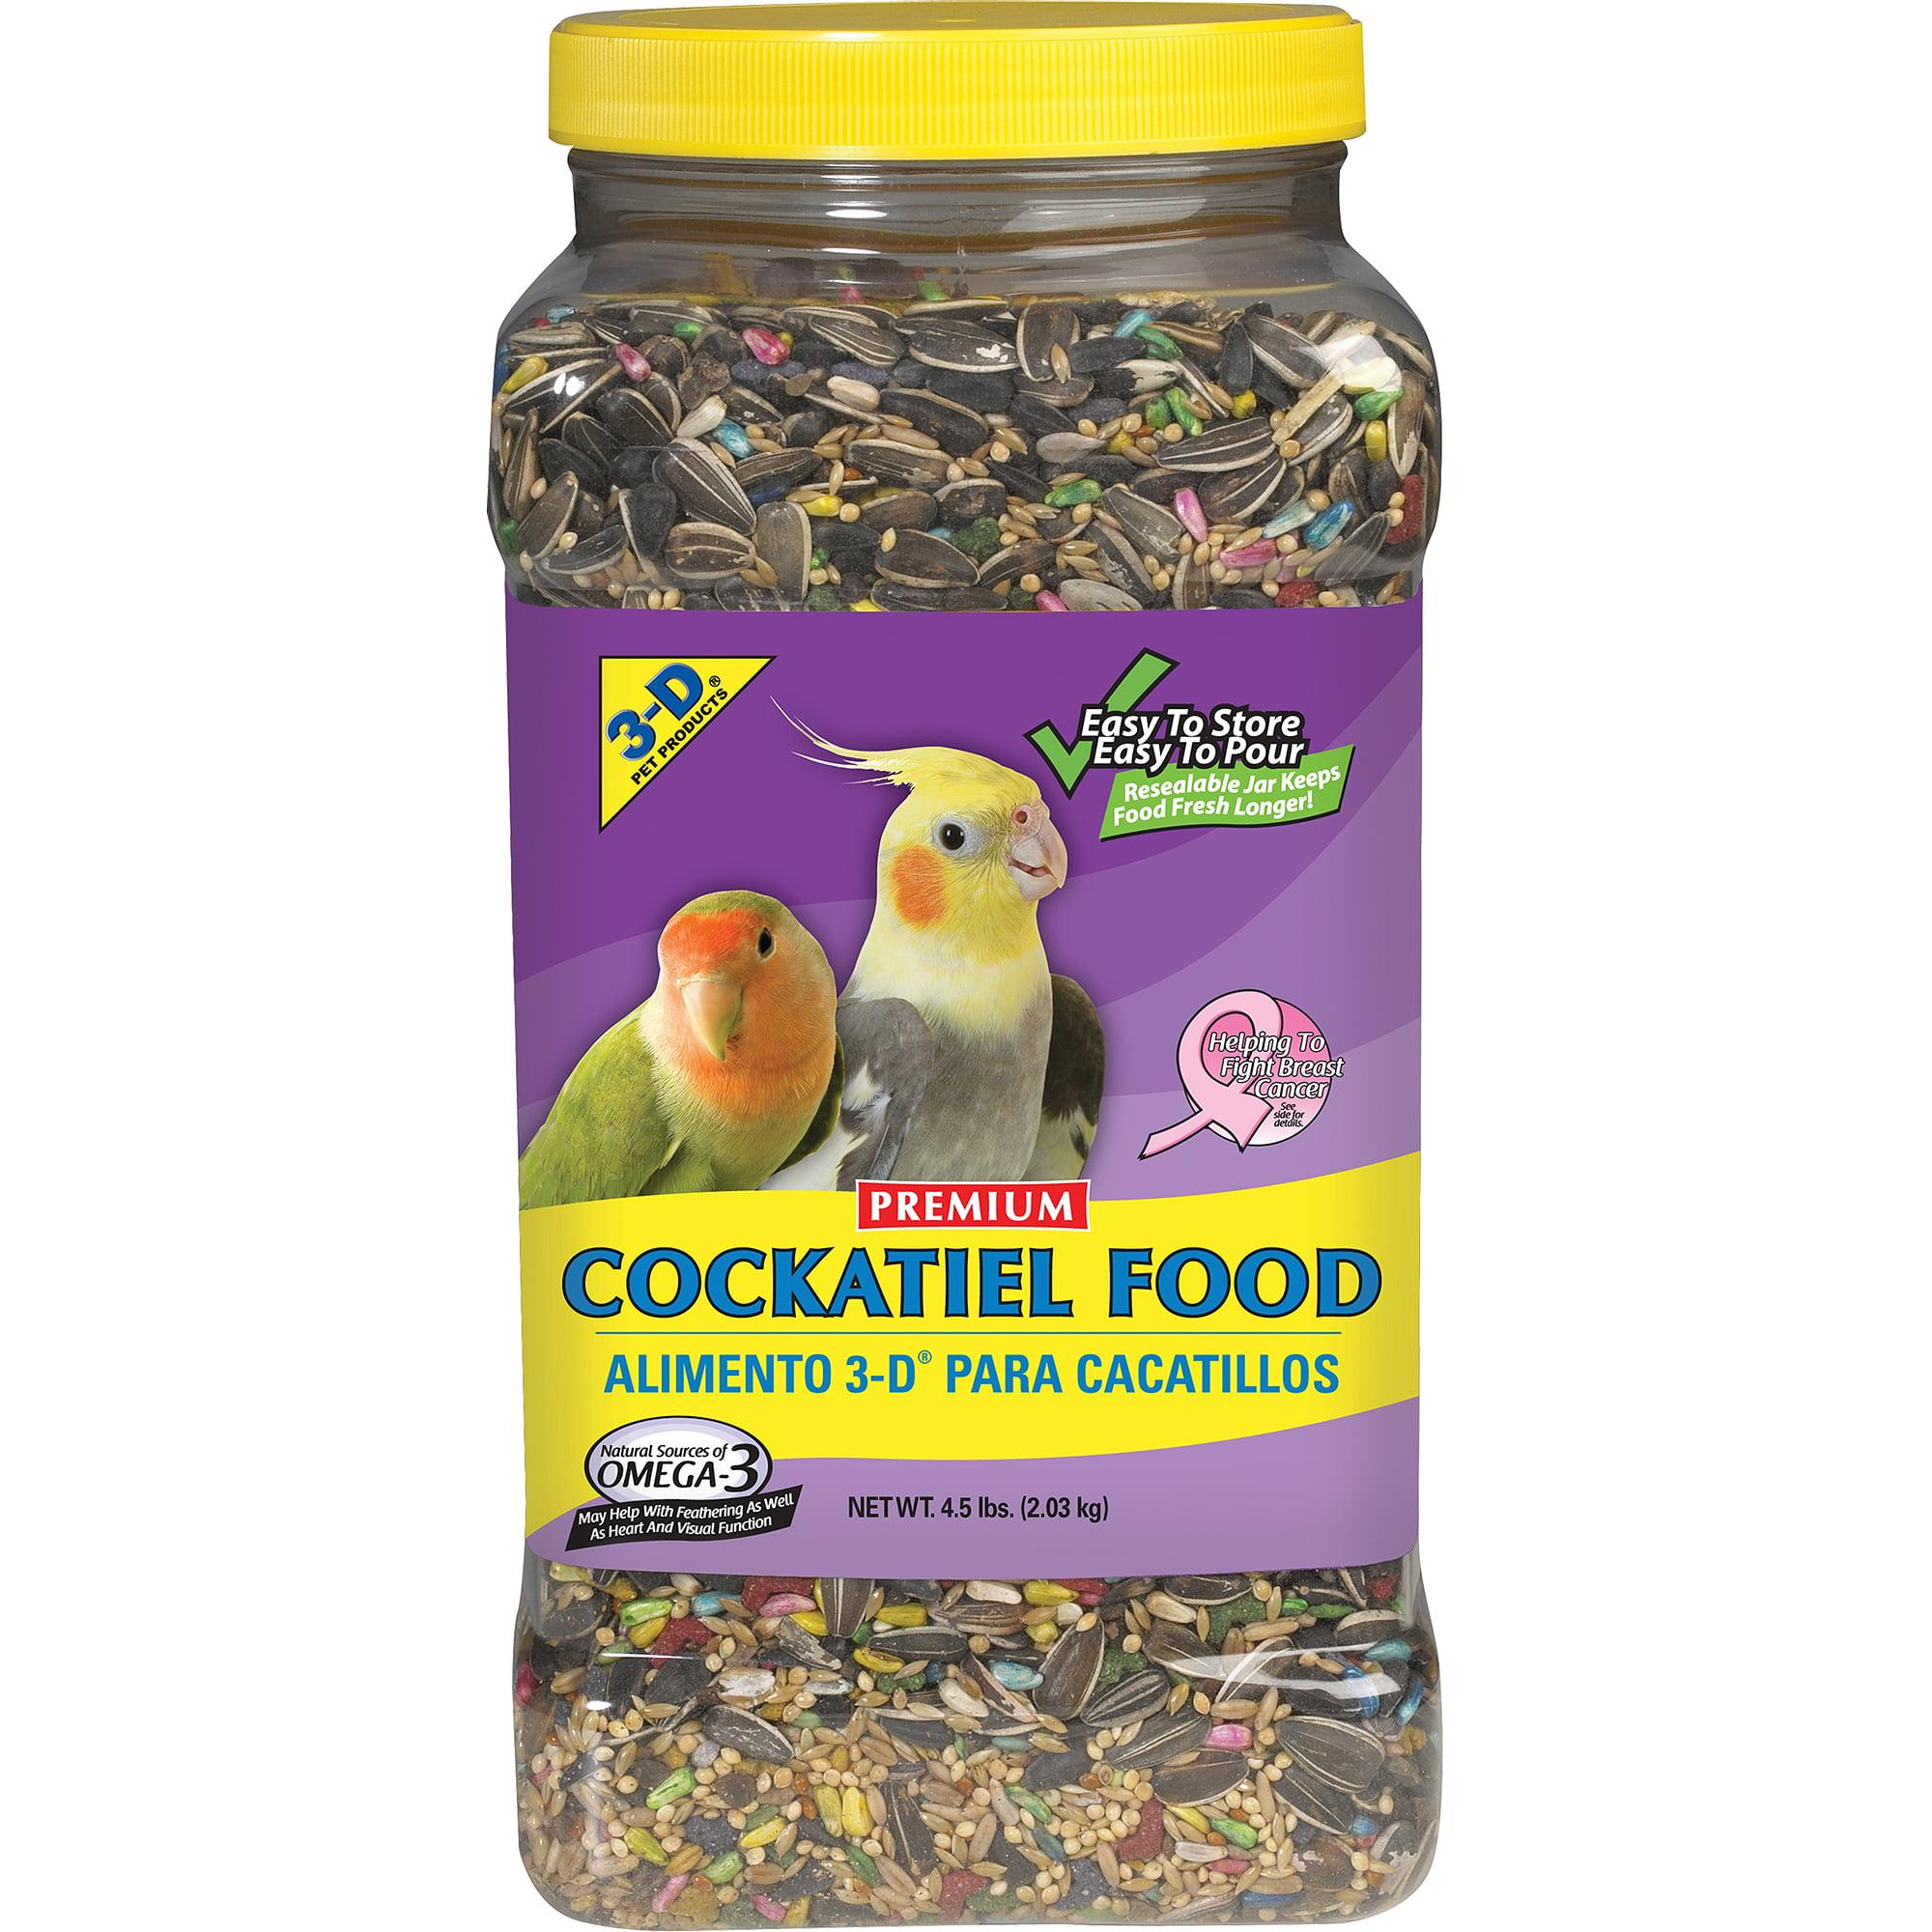 3-D Pet Products Premium Cockatiel Food, 4.5 lb by Generic